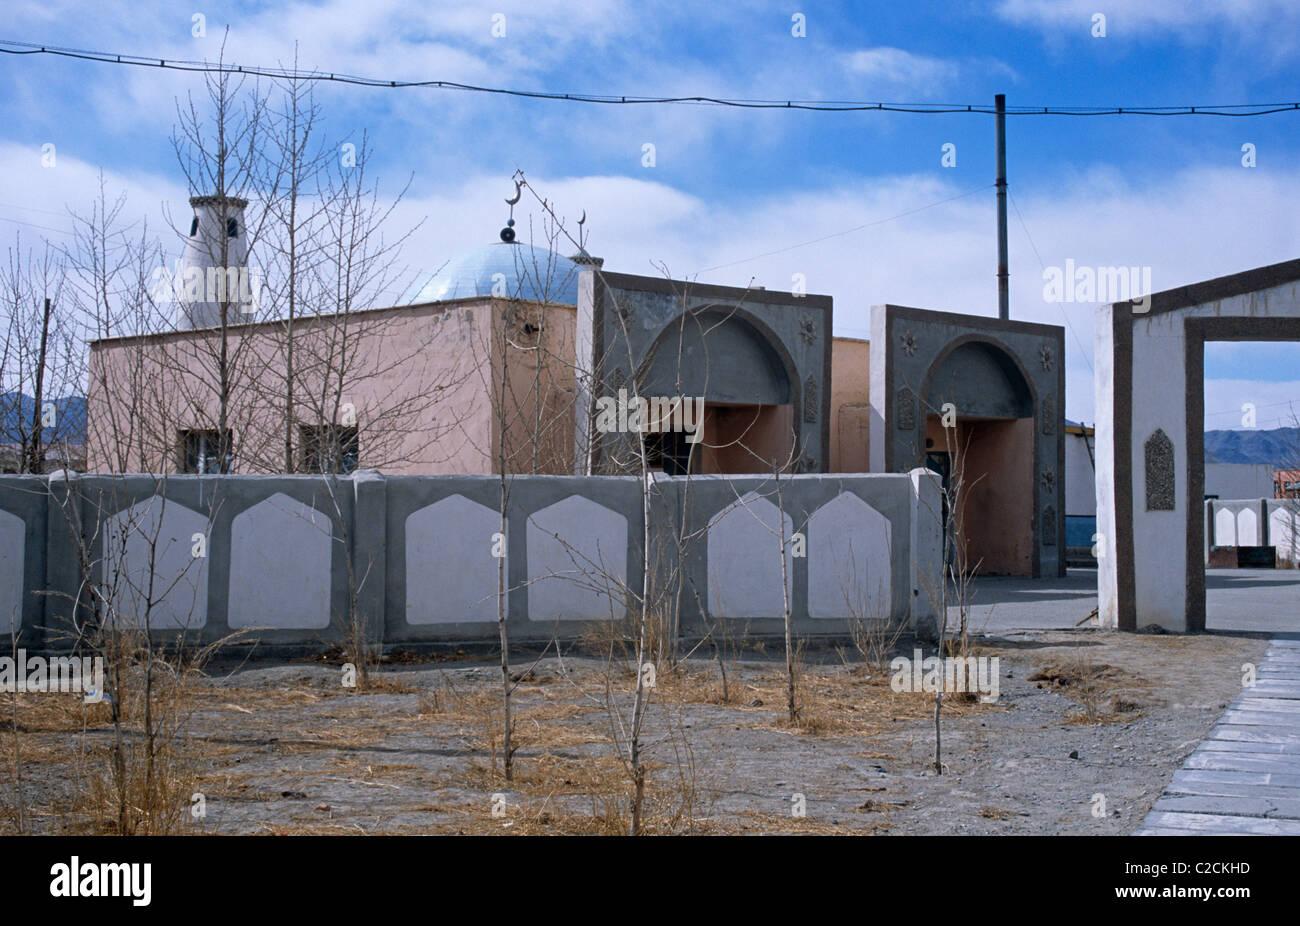 Ulgii Bayan Ulgii Mongolia Stock Photo